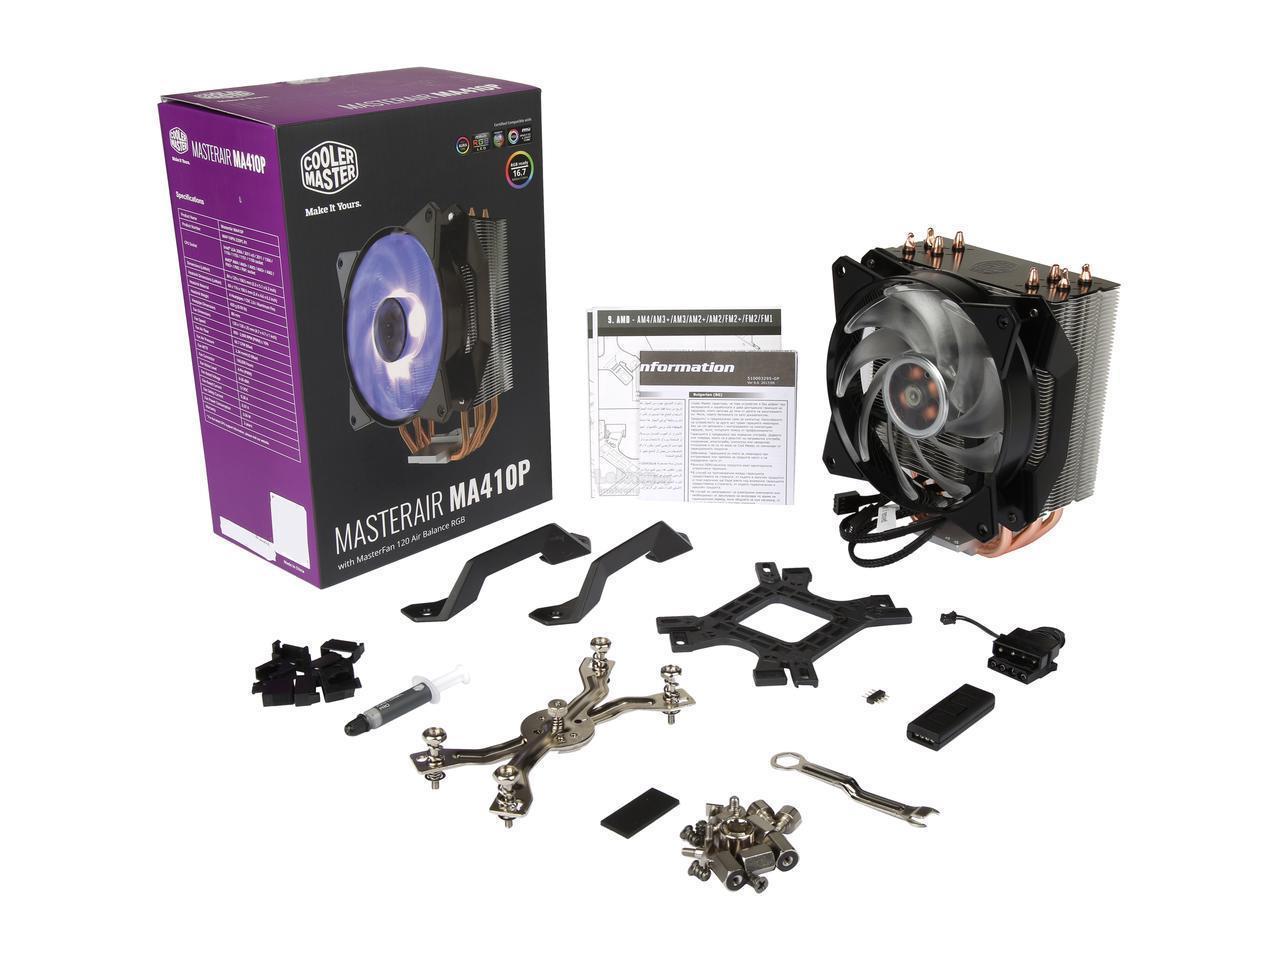 # COOLER MASTER MasterAir MA410P RGB CPU Air Cooler #